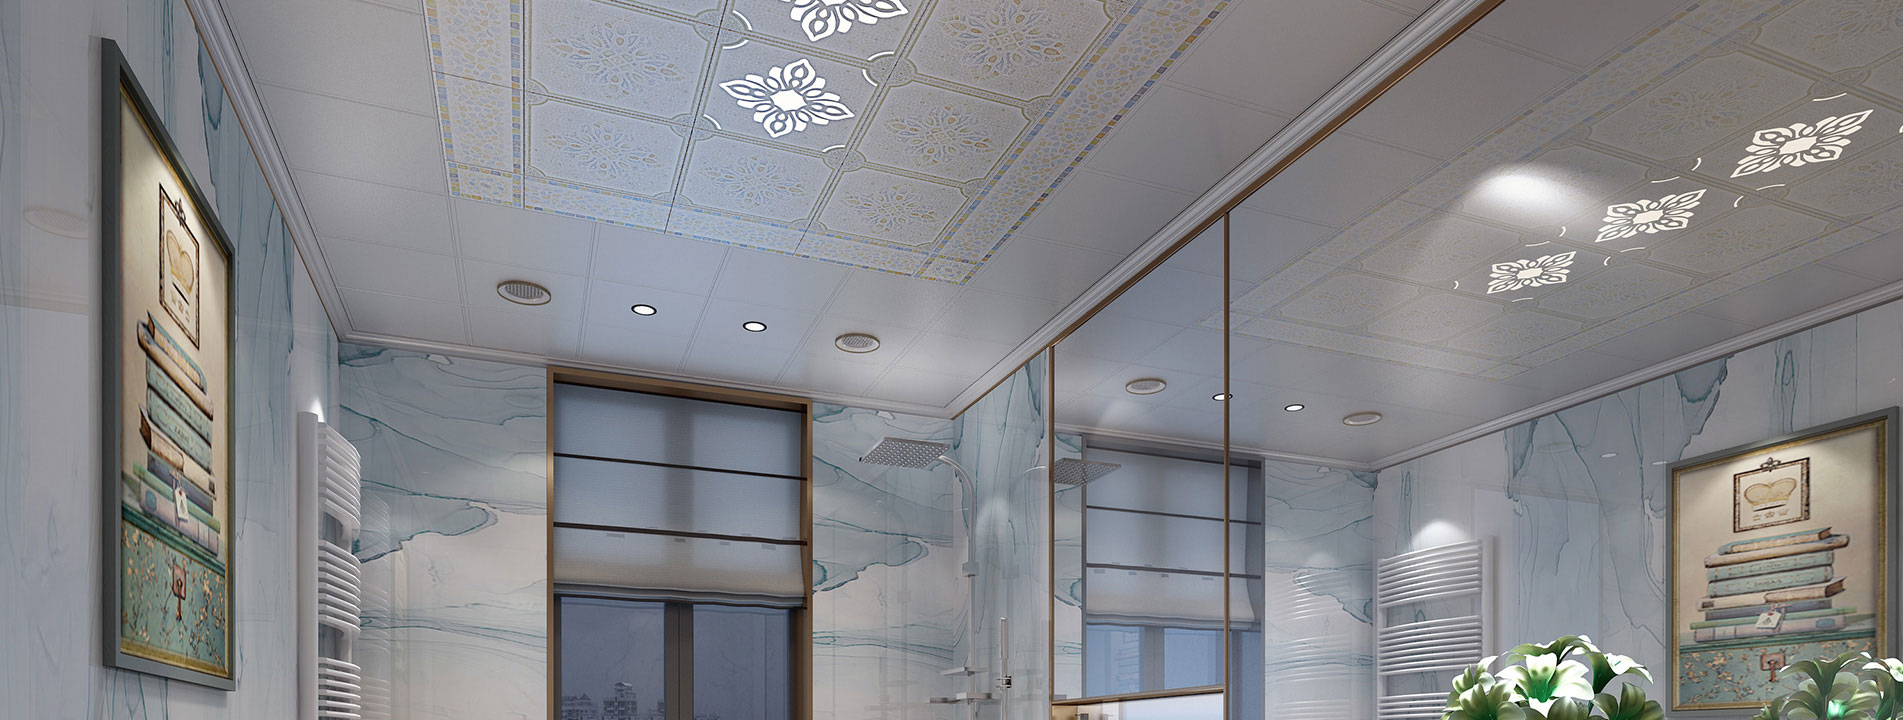 卫生间集成吊顶与集成墙面整装效果图